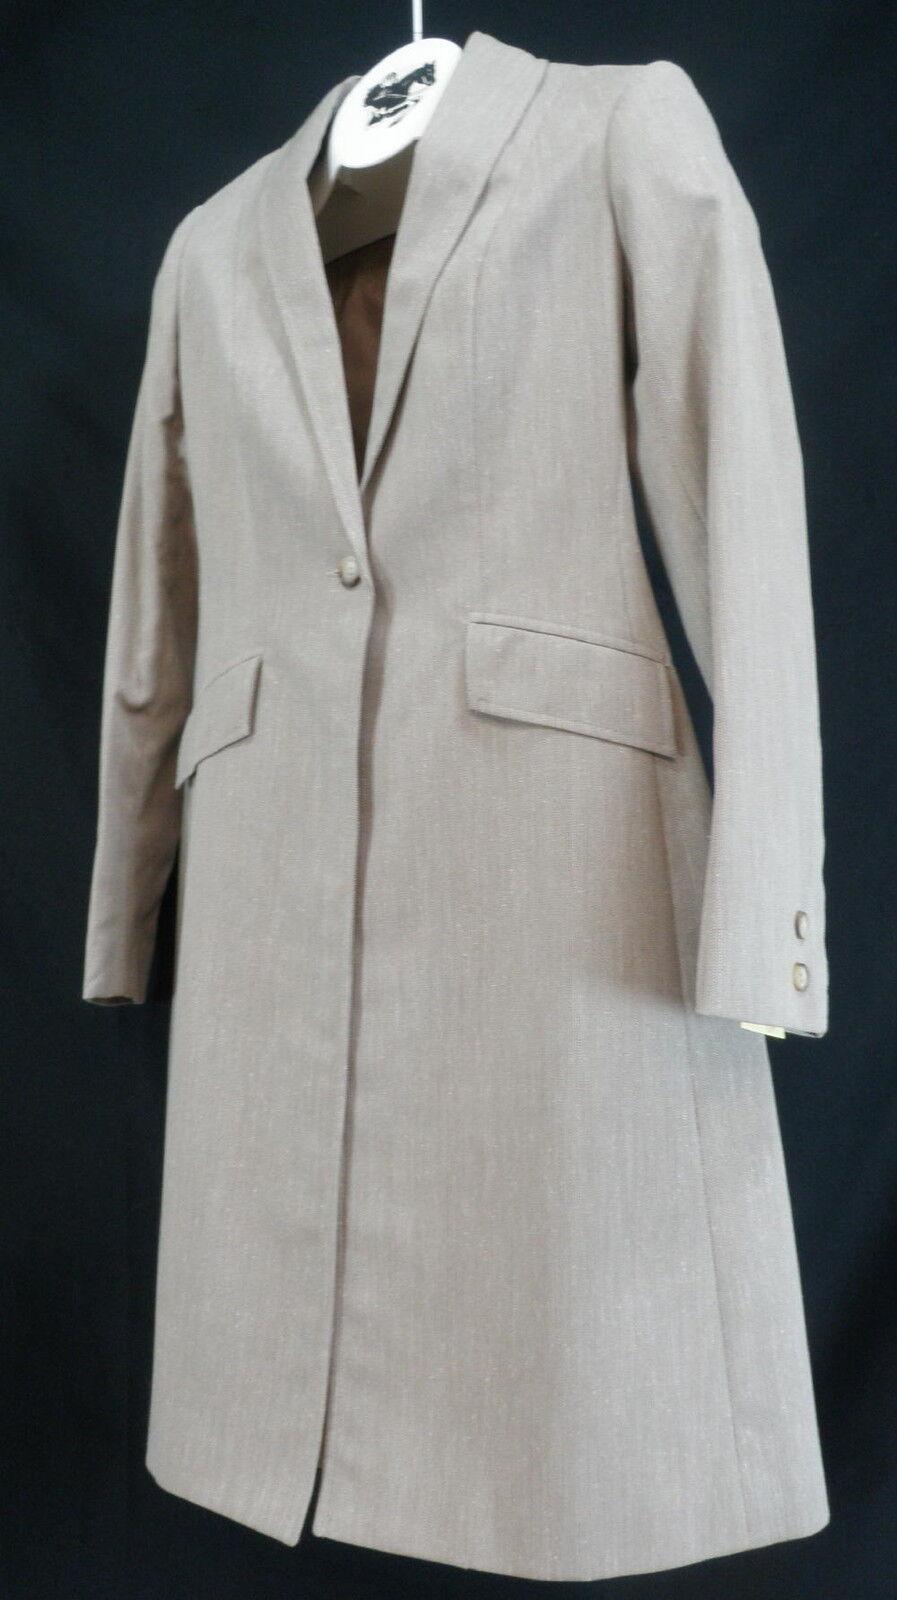 Reed Hill Ladies días de abrigo Bronceado Herringbone Poliéster Talle 6-Hecho En Usa